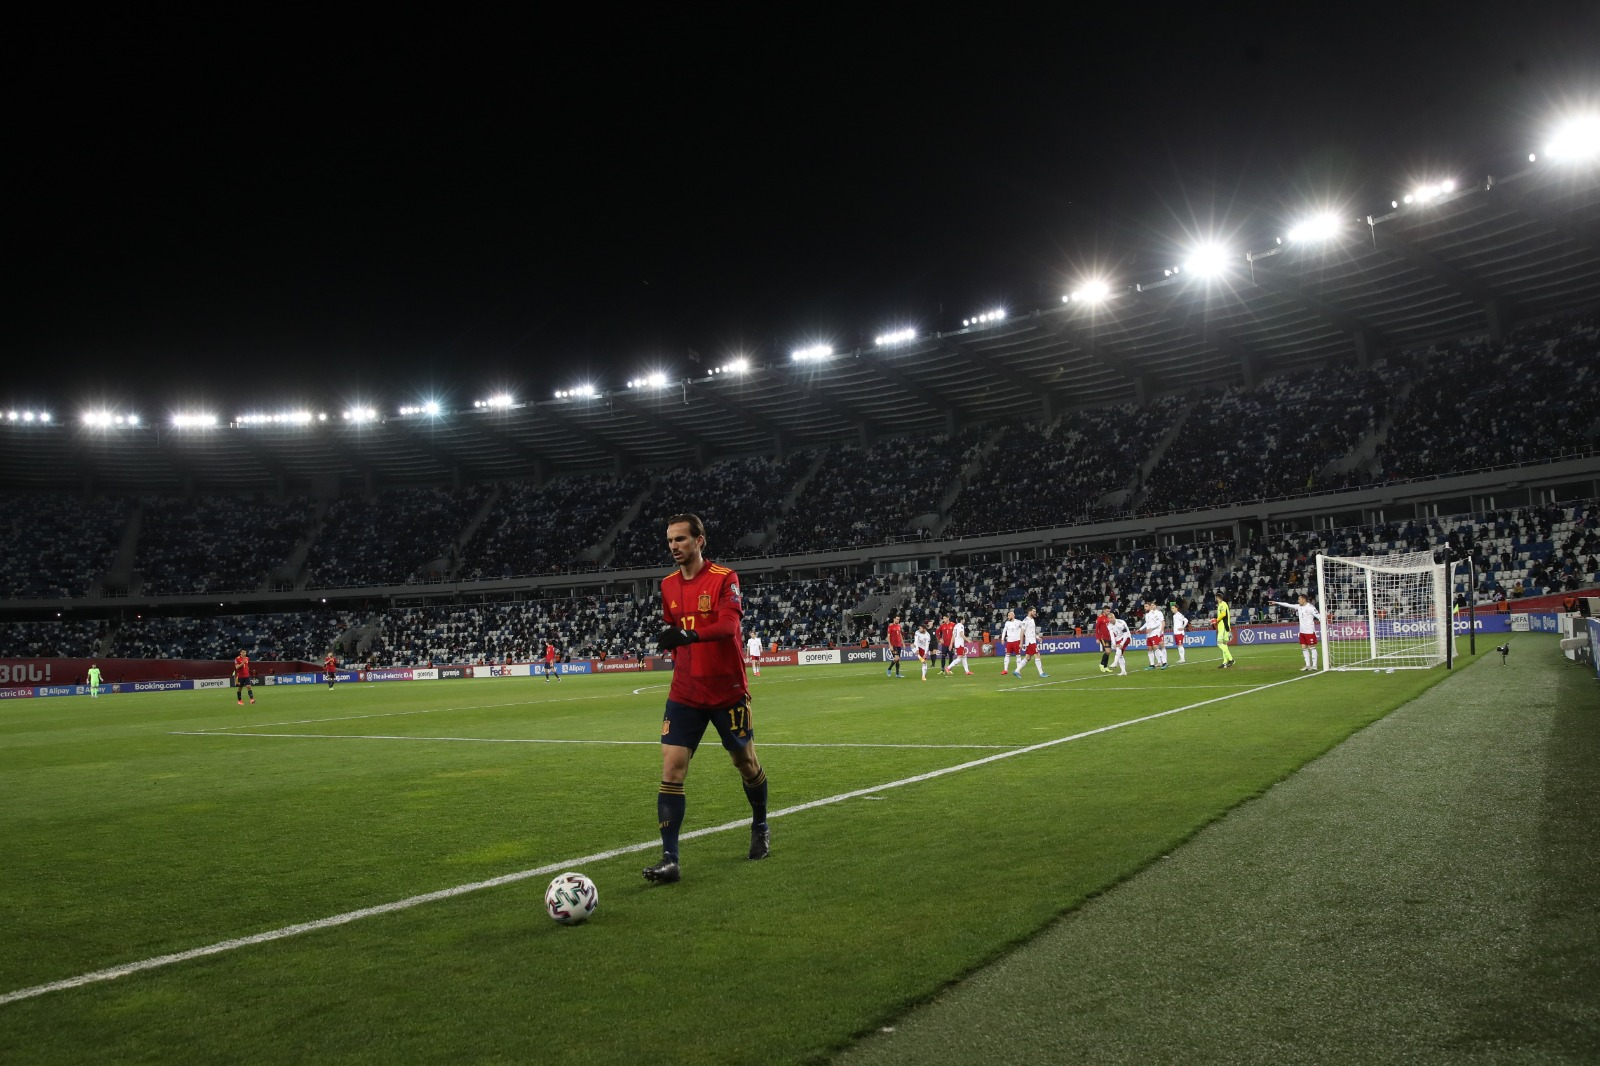 جورجيا ضد إسبانيا (2)